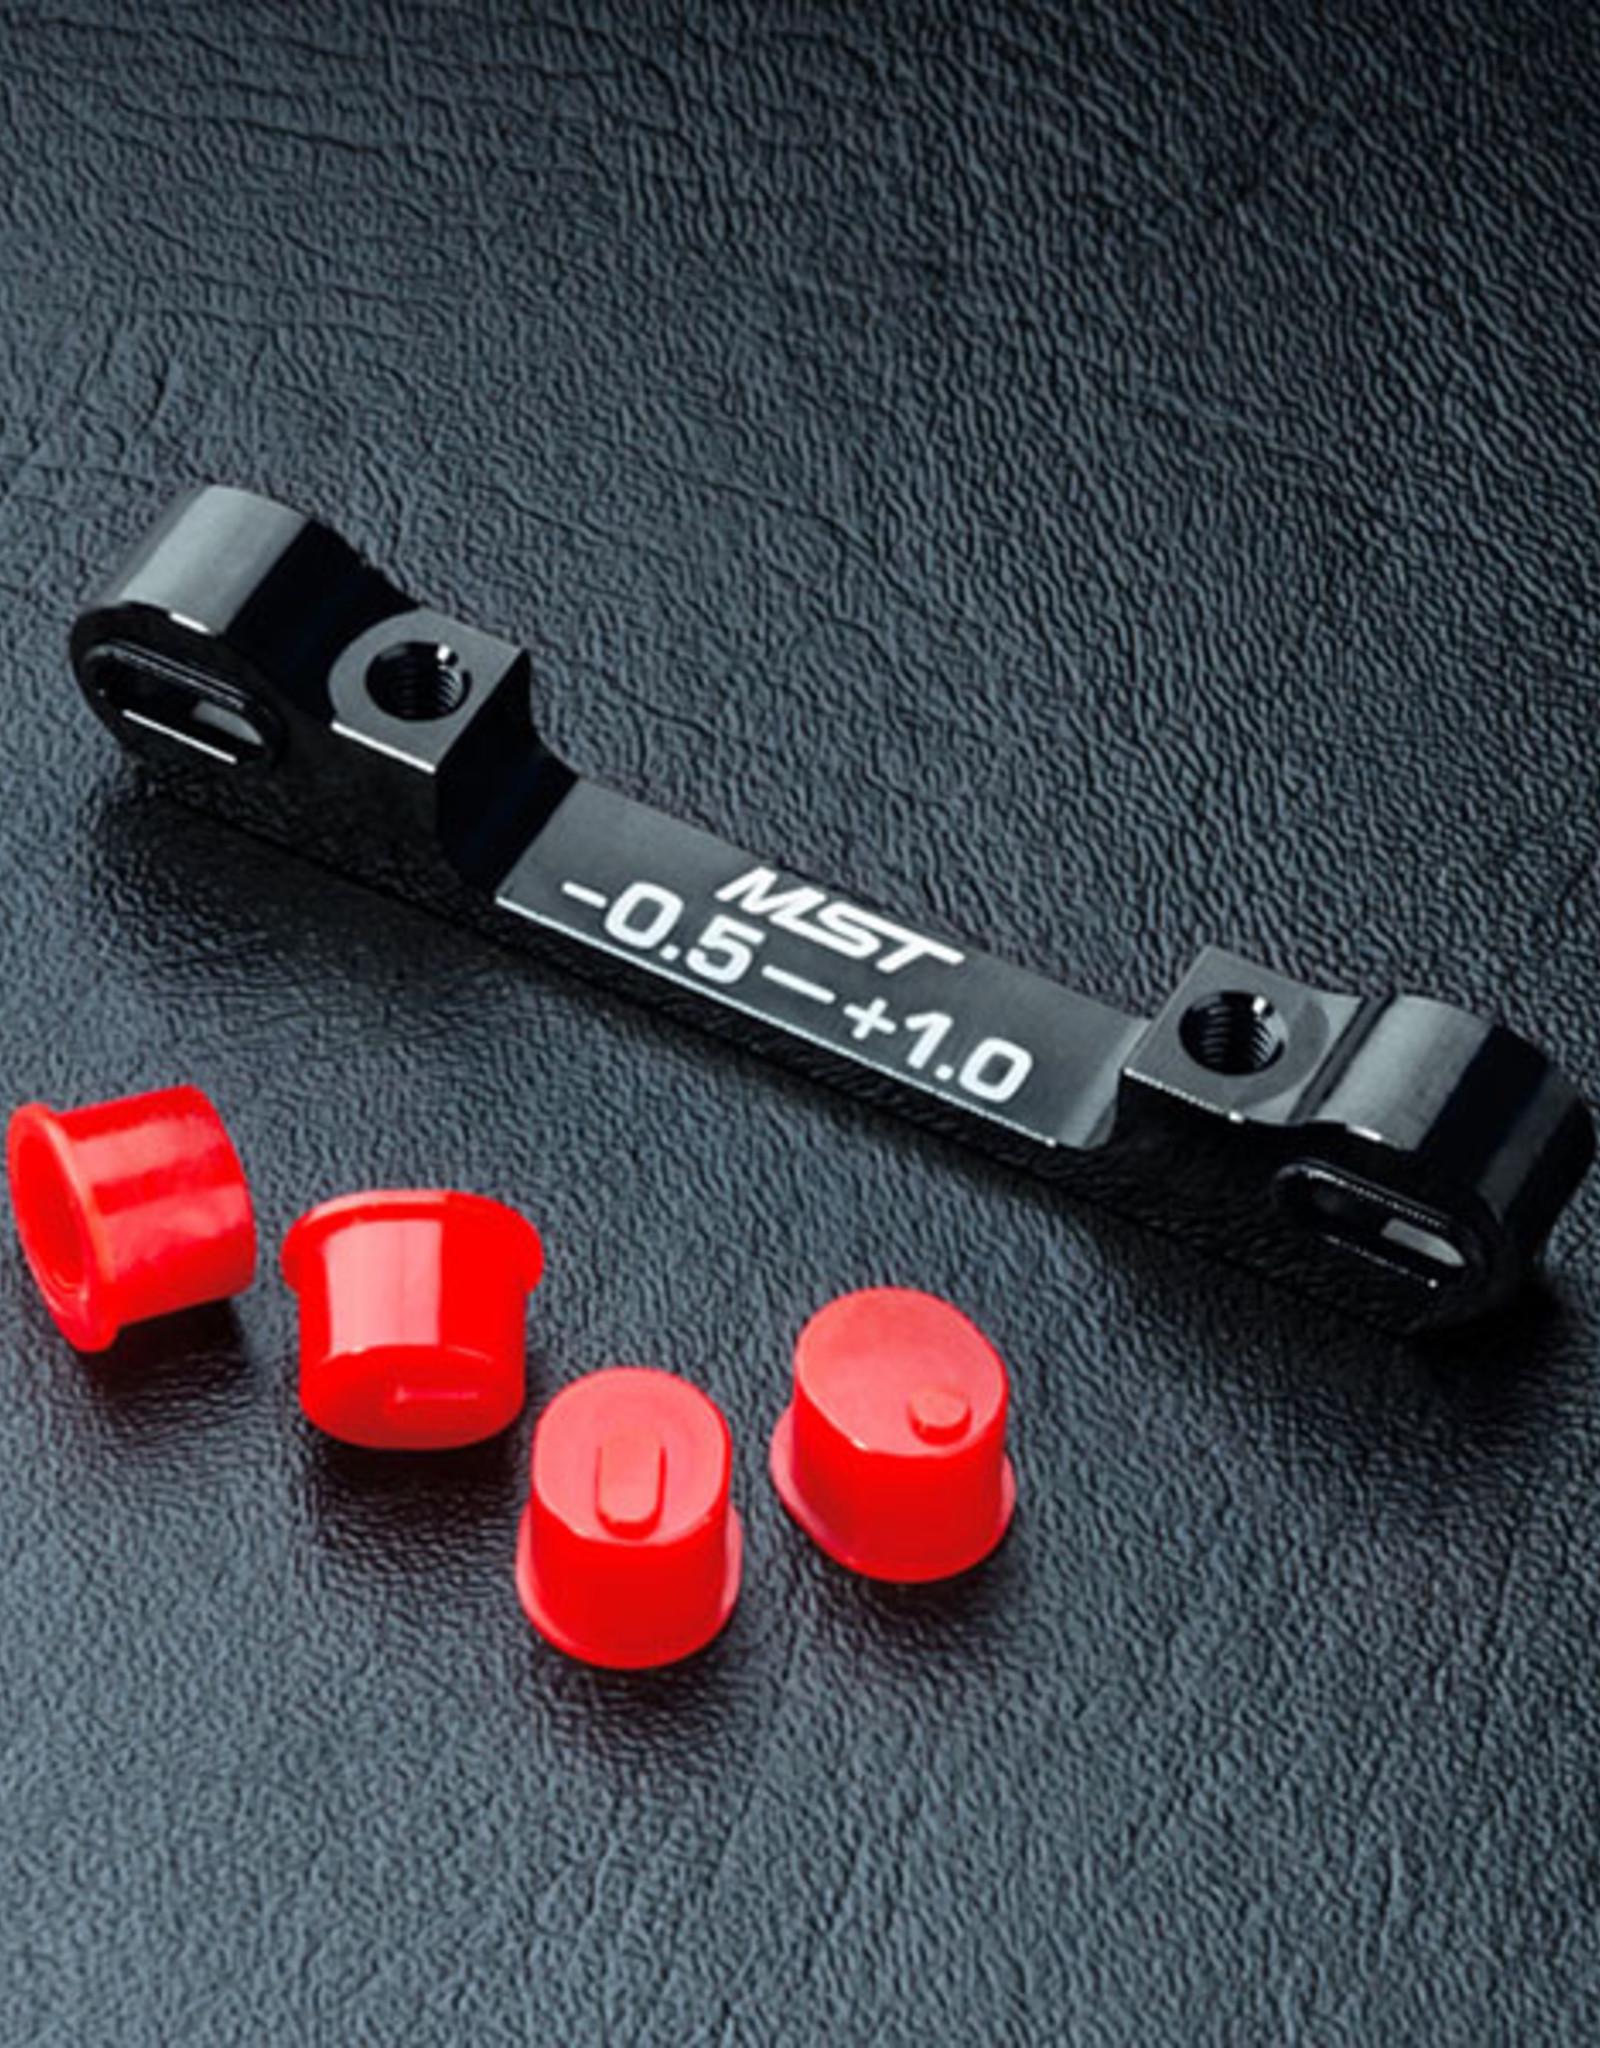 MST MXPD820057BK Adjustable alum. suspension mount (-0.5-+1.0) (black) by MST